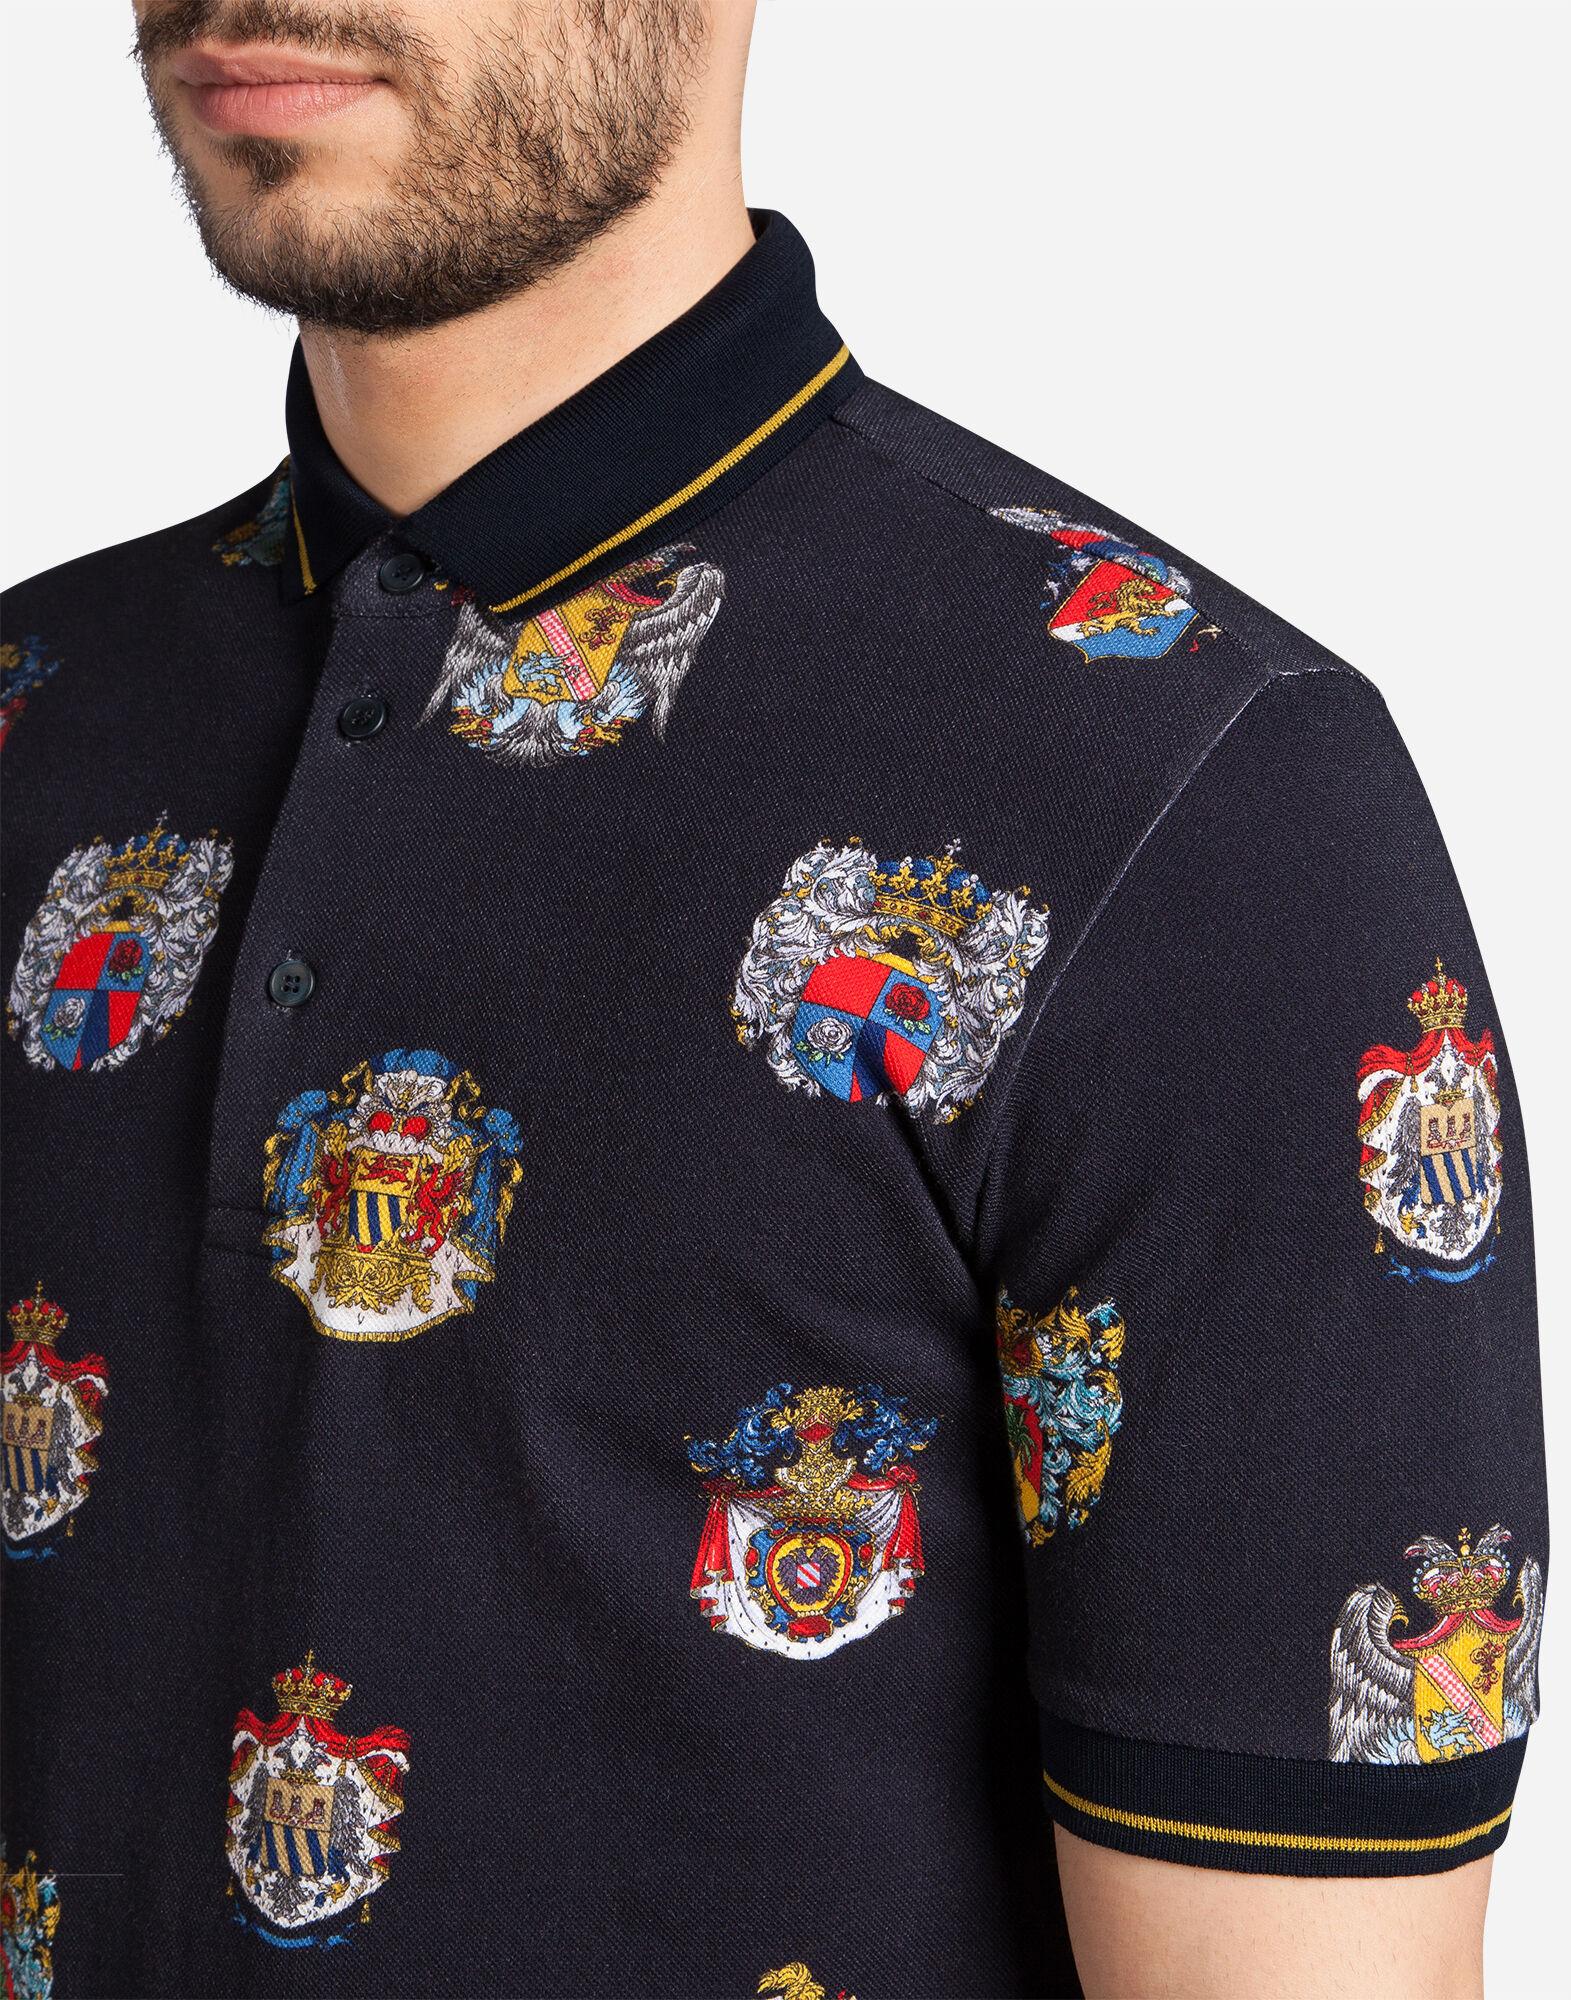 Dolce&Gabbana PRINTED COTTON PIQUÉ POLO SHIRT